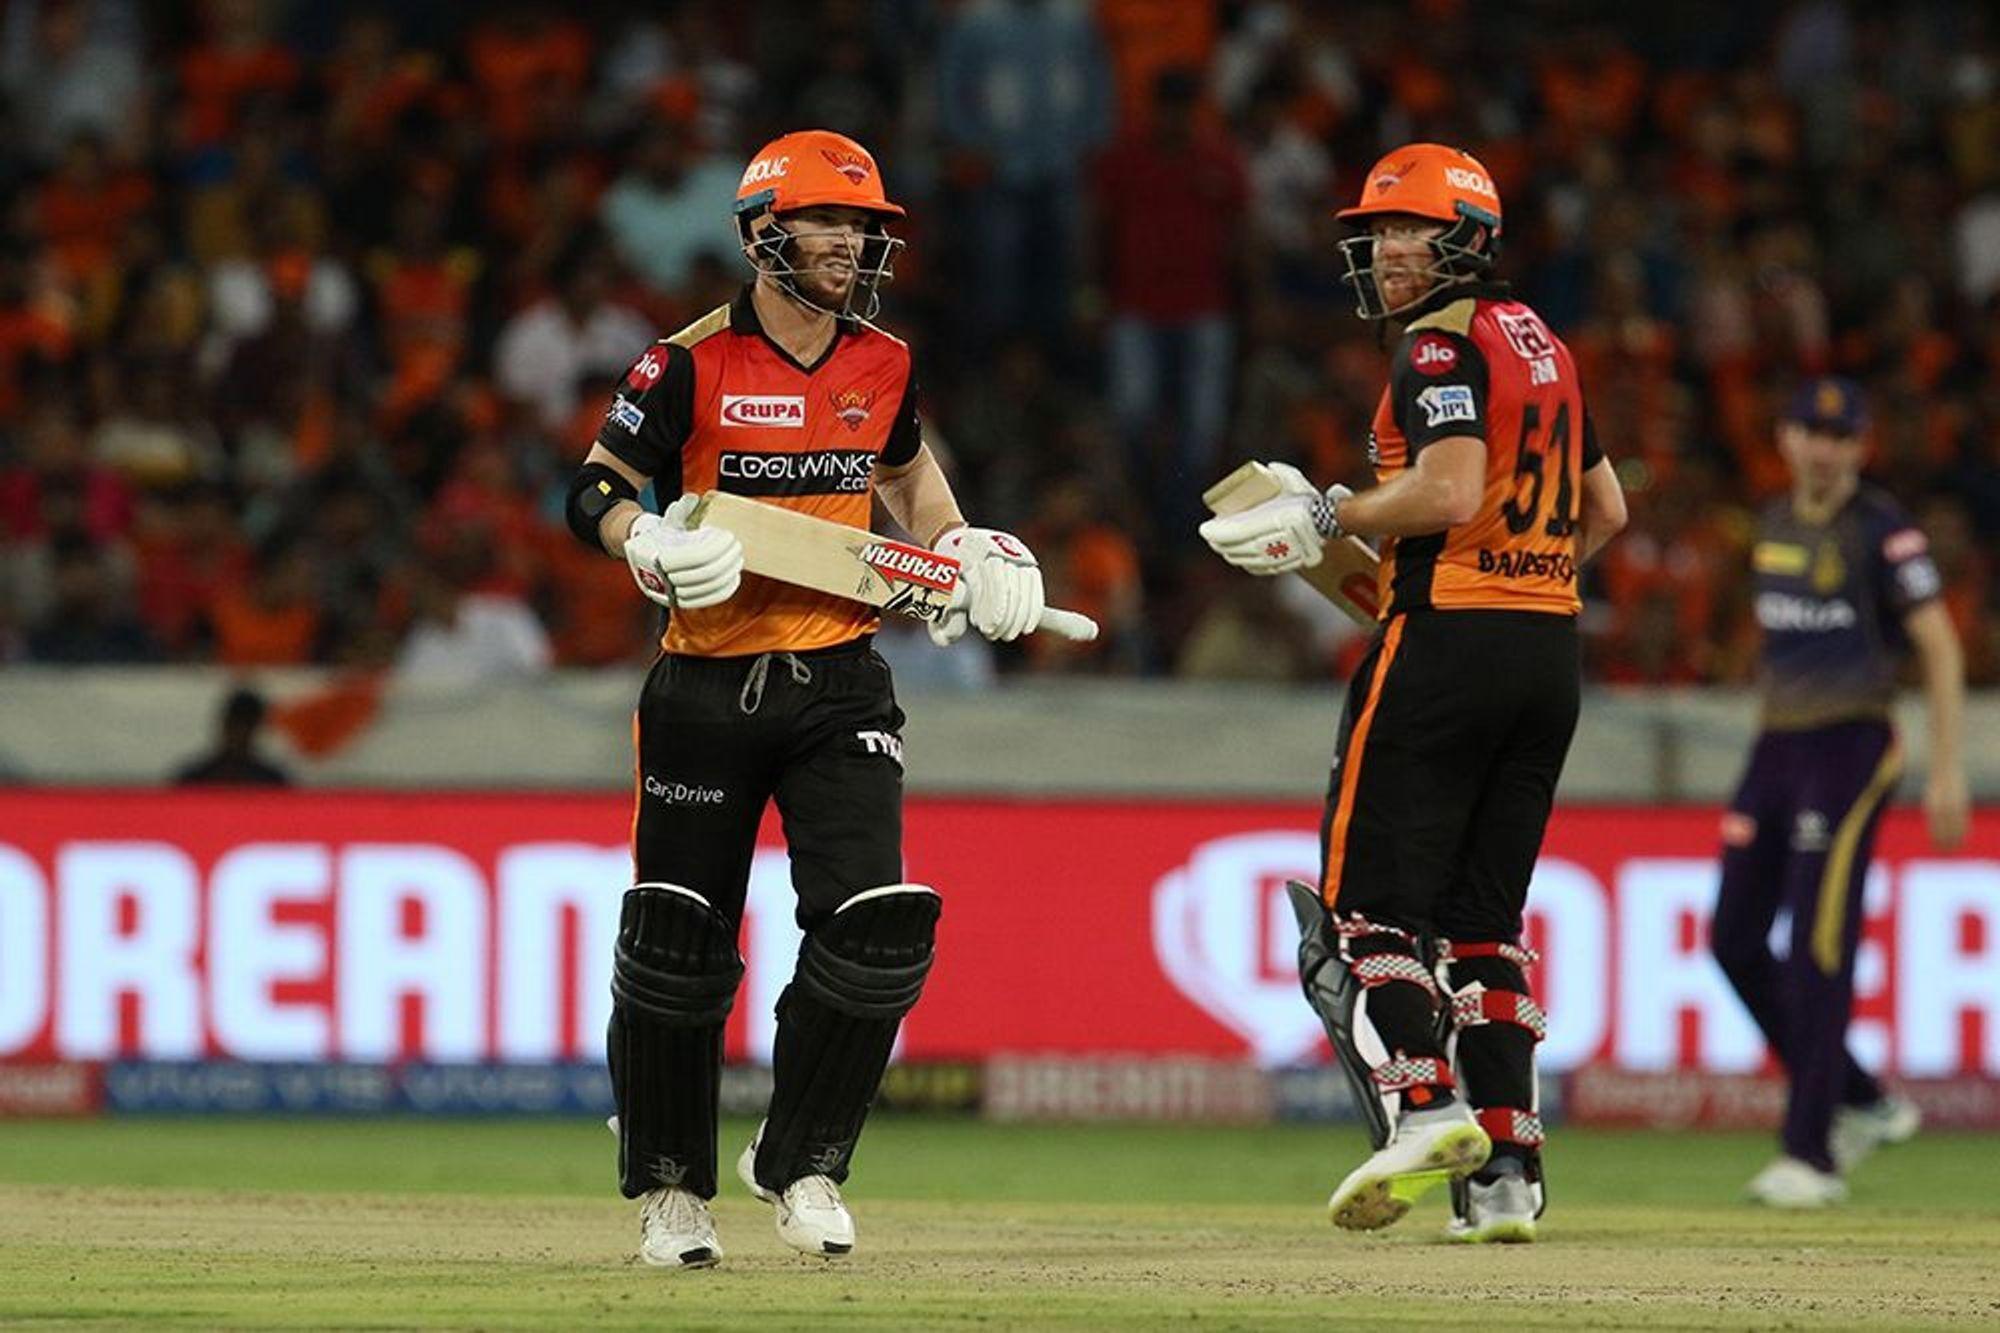 SRHvsKKR : वार्नर-बैरेस्टों के तूफ़ान में उड़ा केकेआर, सनराइजर्स ने 9 विकेट से हराया 27